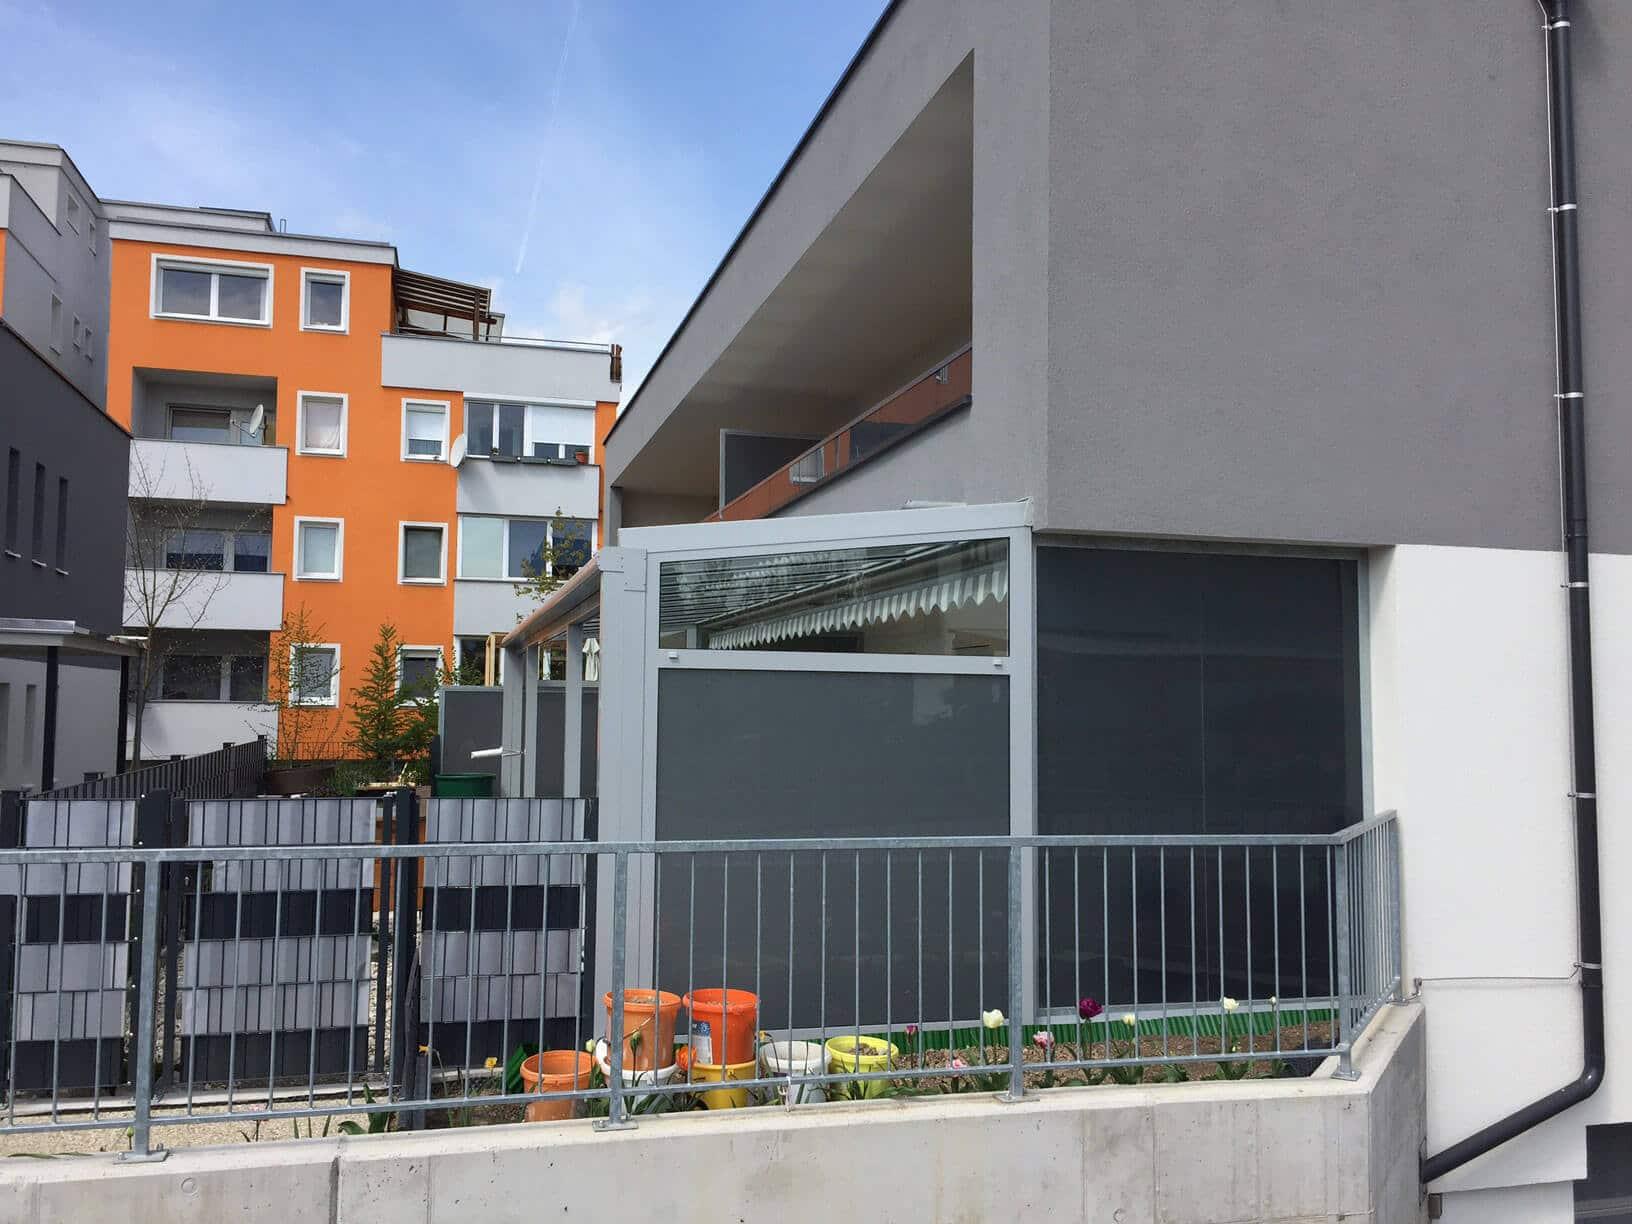 Qualitativ hochwertige Terrassenüberdachung mit Beschattung